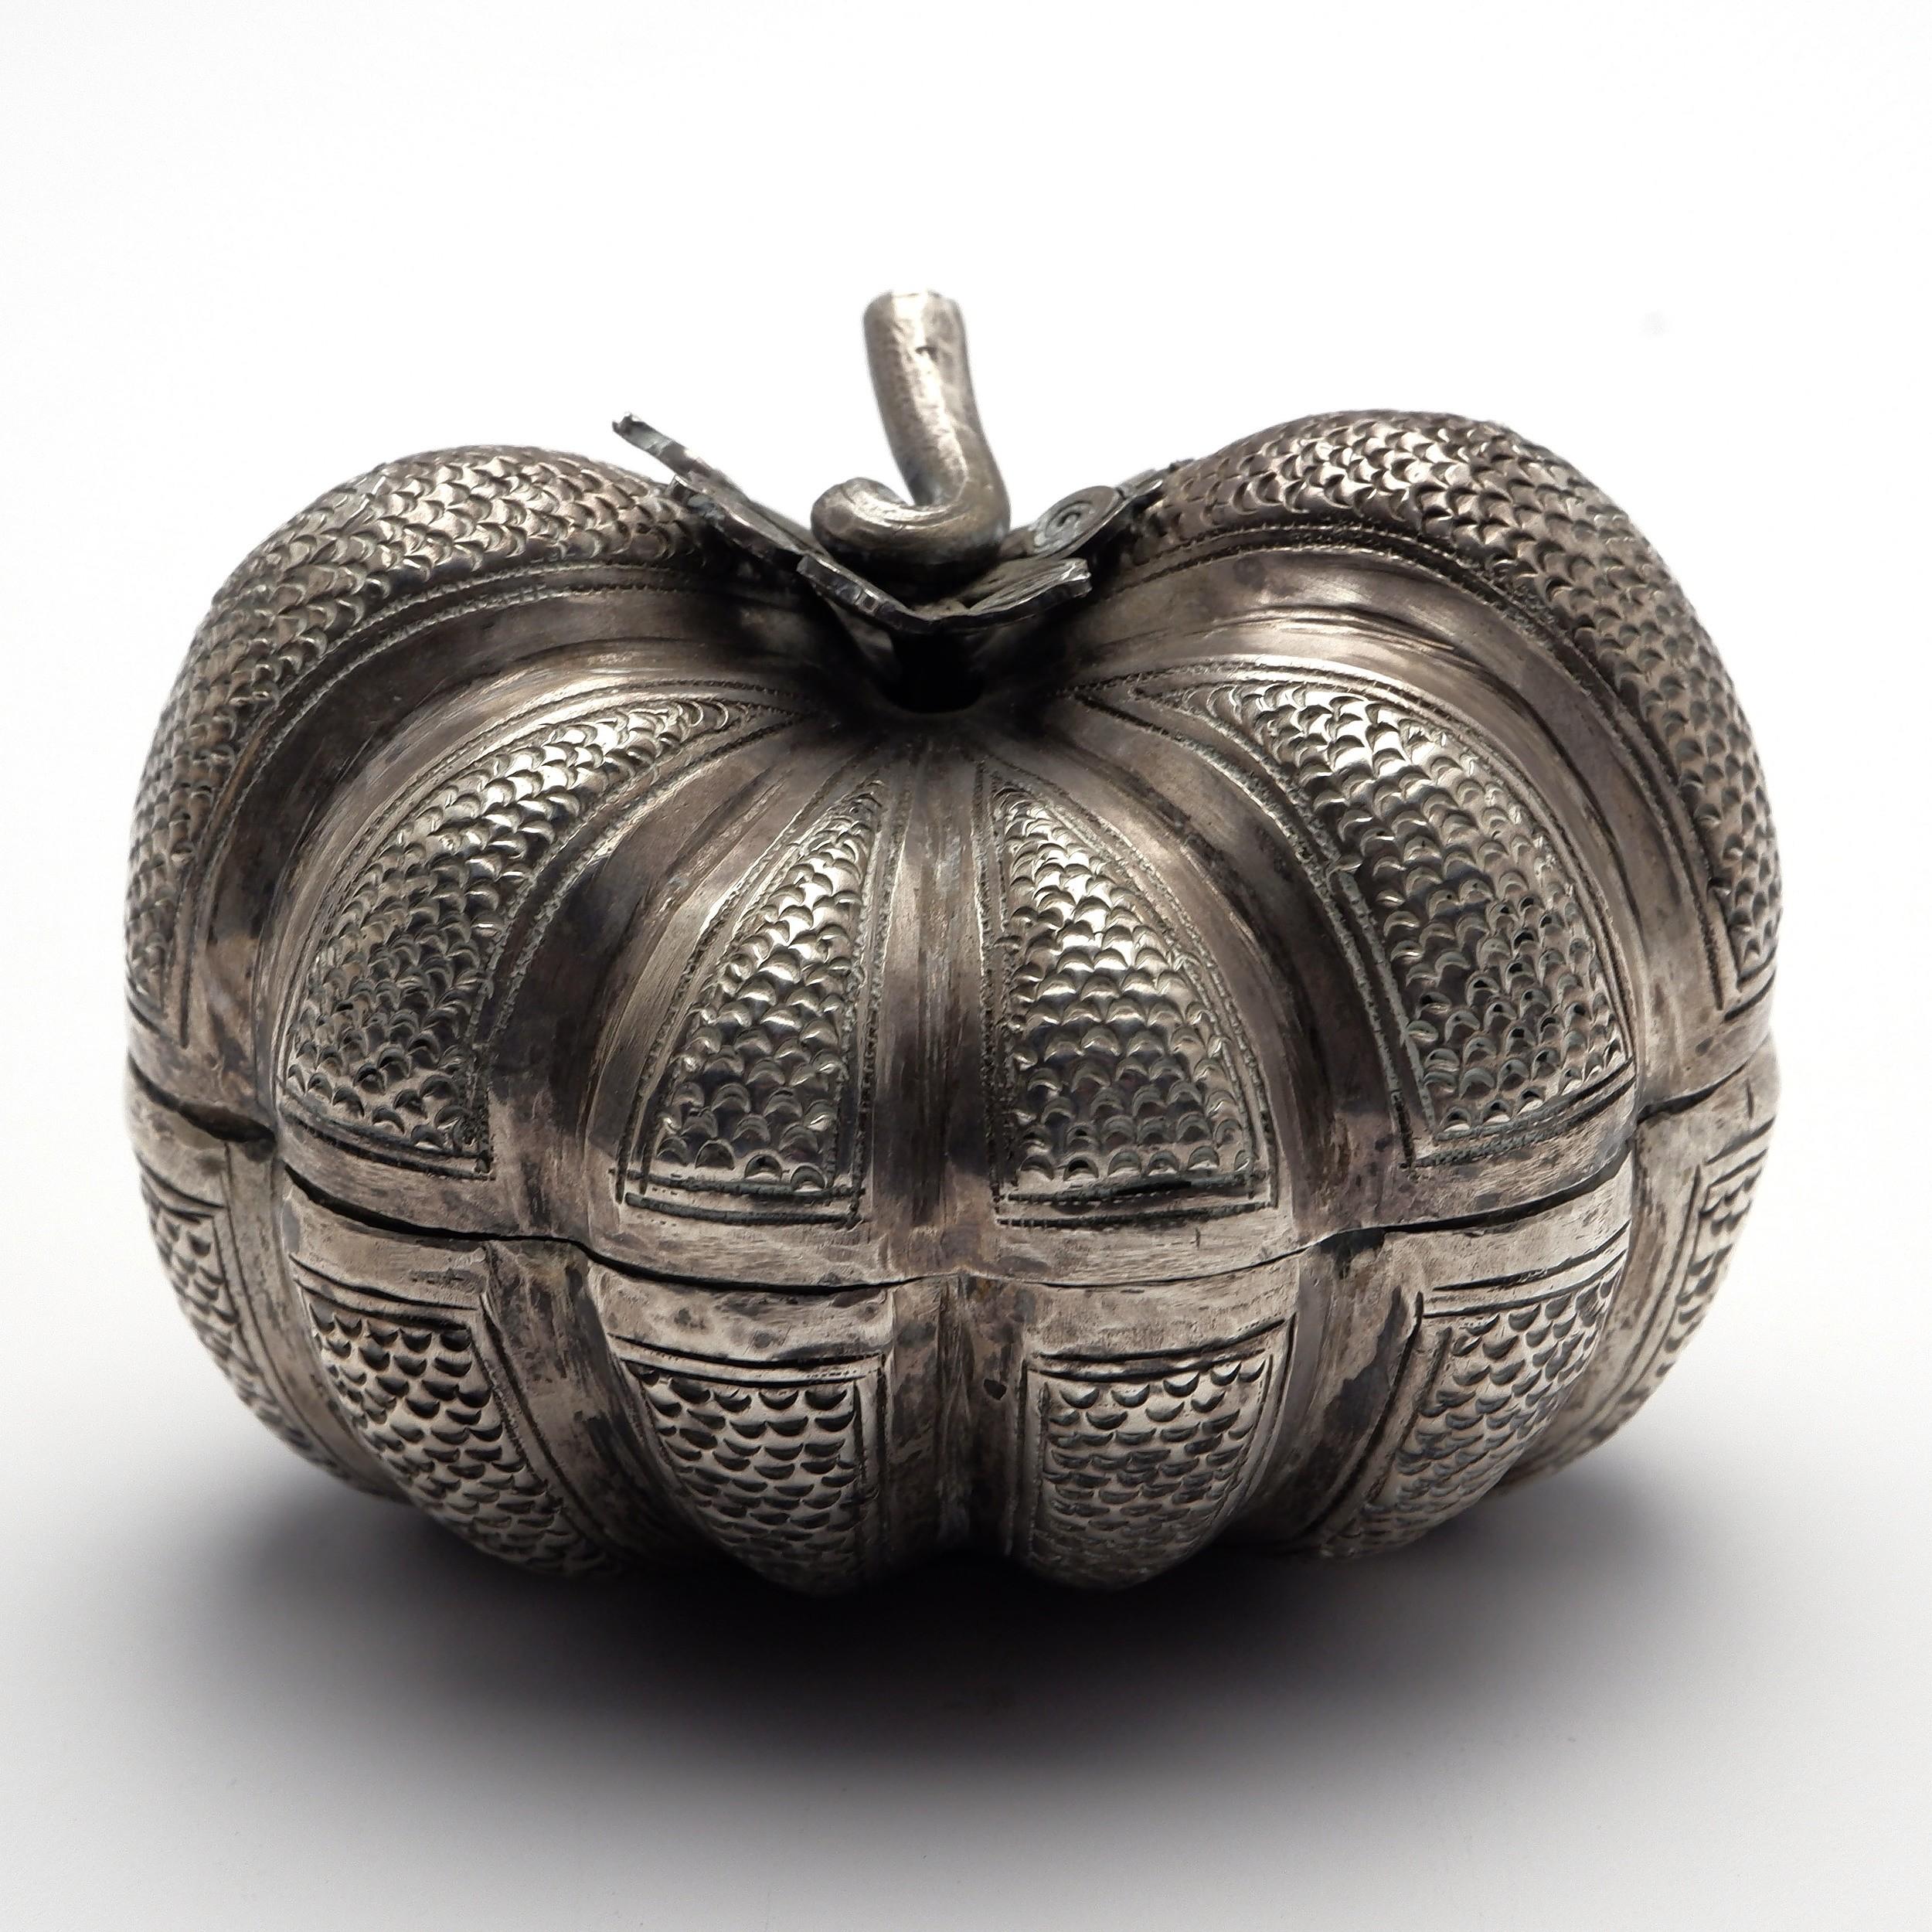 'Lao Silver Pumpkin Form Tobacco Box'